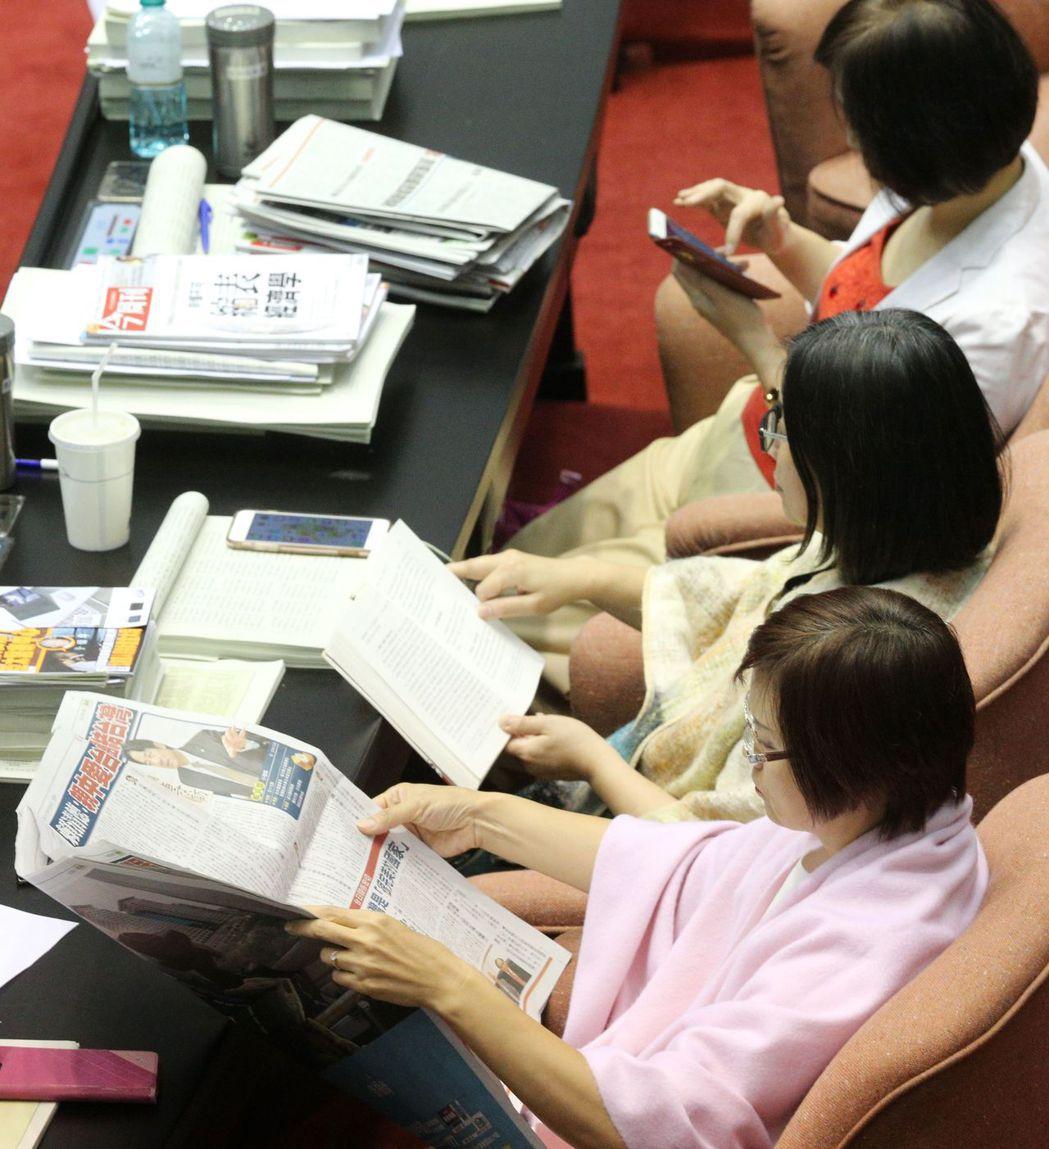 委員看報紙、滑手機,消磨時間。 記者陳正興/攝影